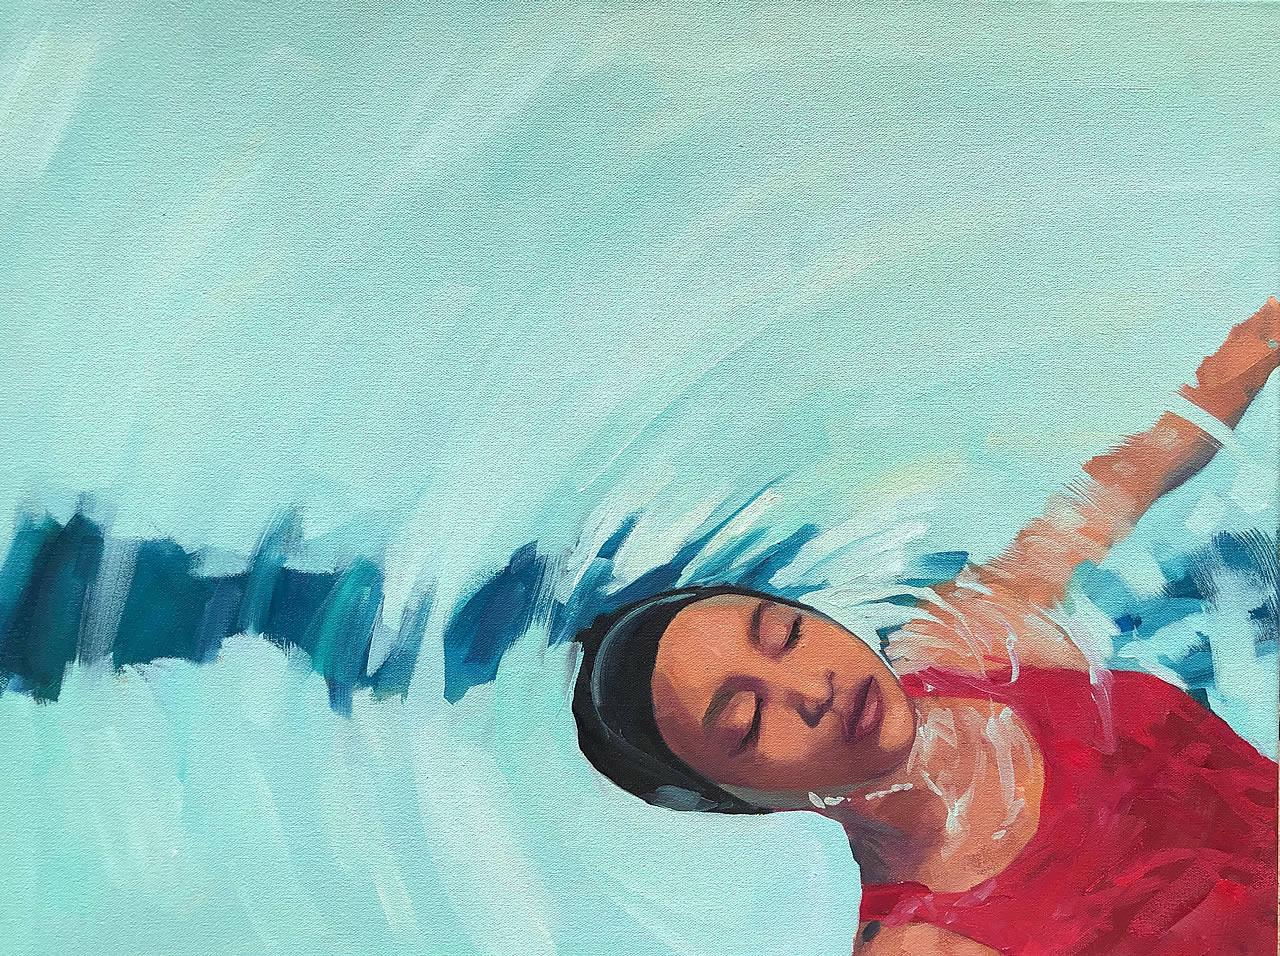 Floating Swimmer